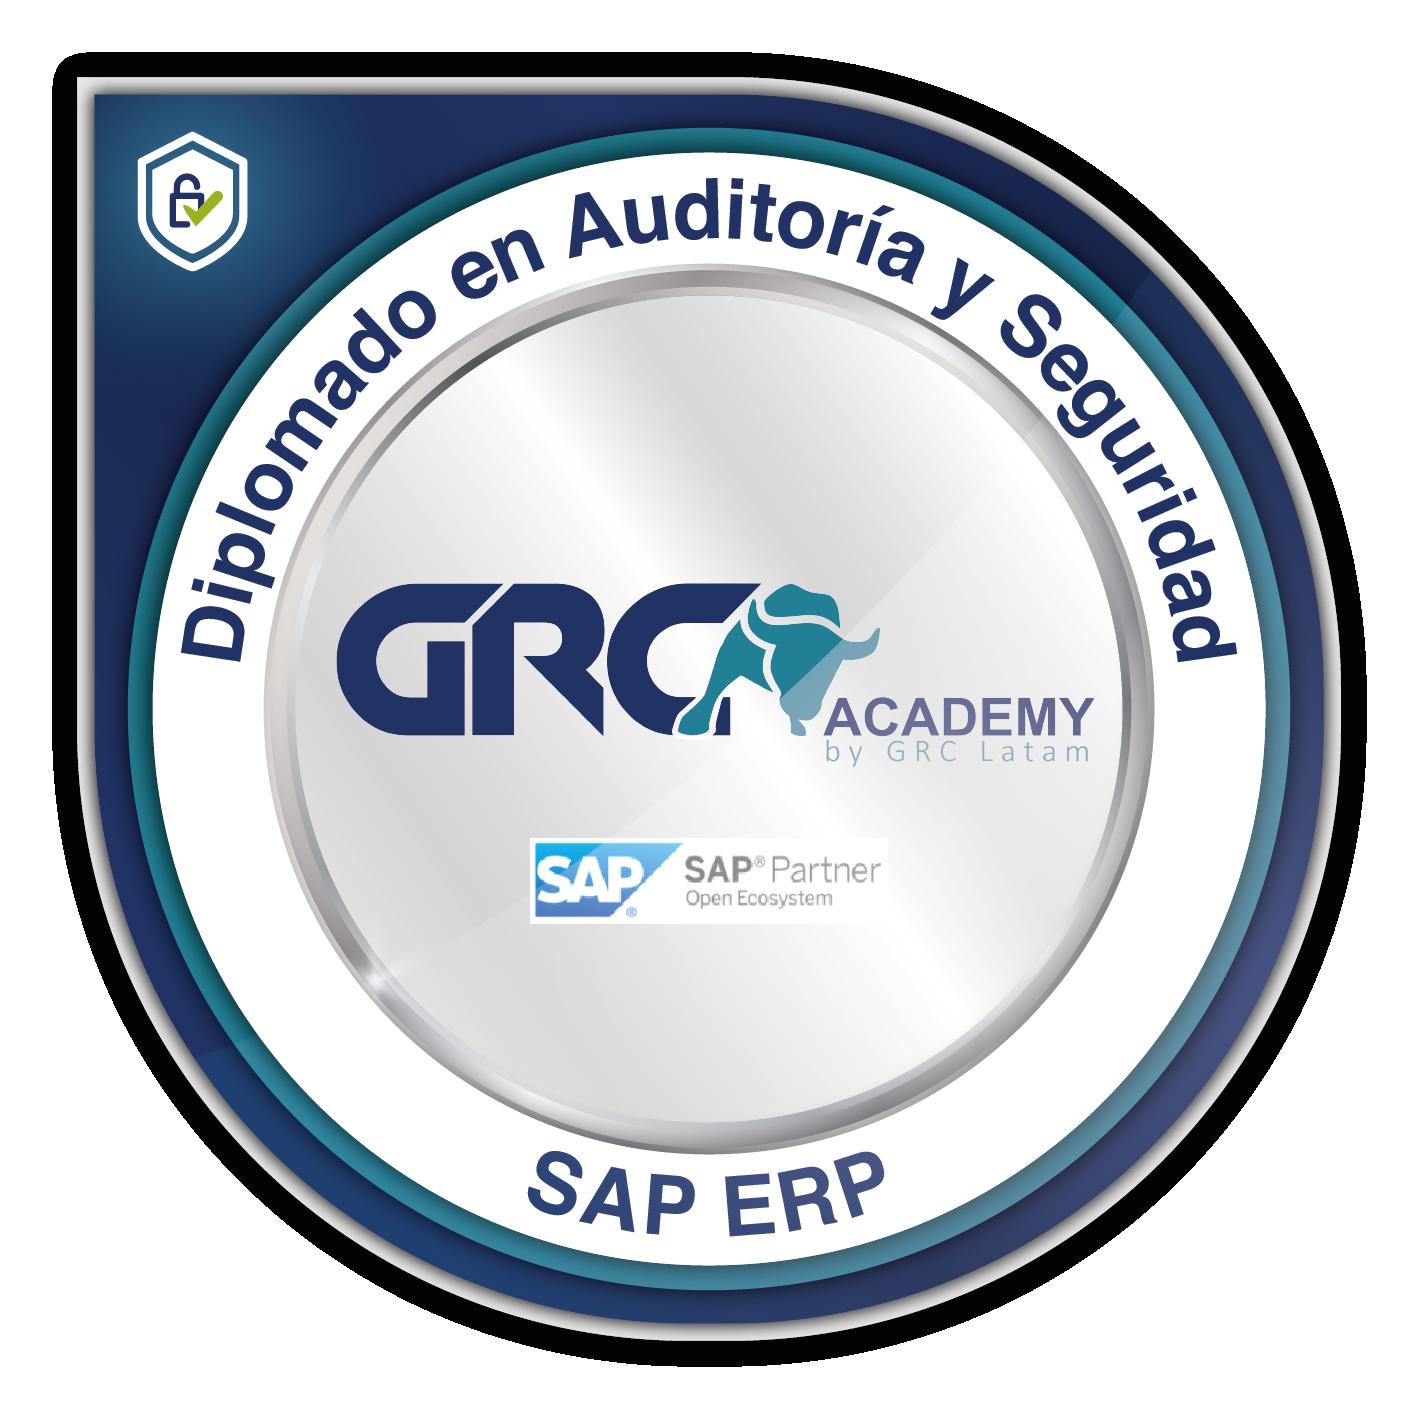 Diplomado en Auditoría y Seguridad SAP ERP